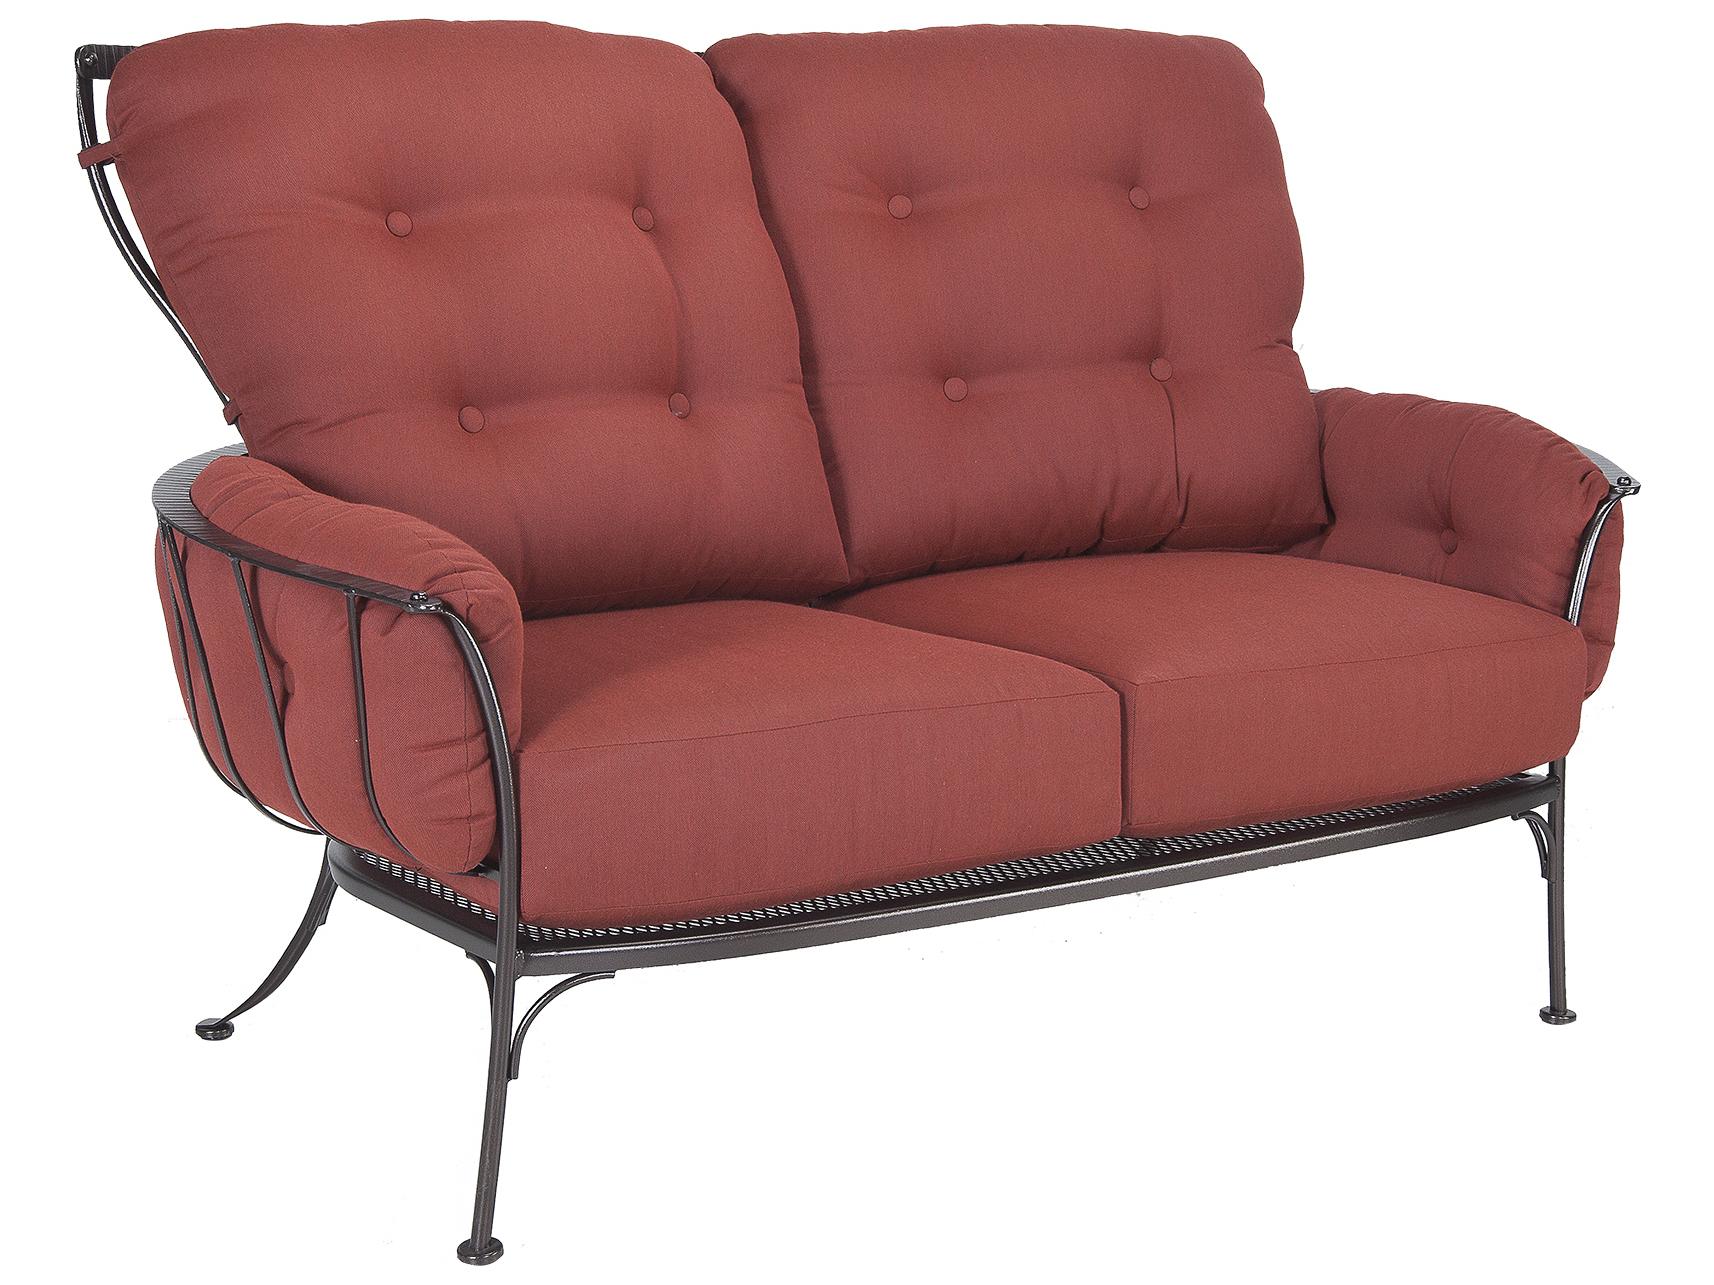 Ow Lee Monterra Wrought Iron Two Seat Sofa 427 2s